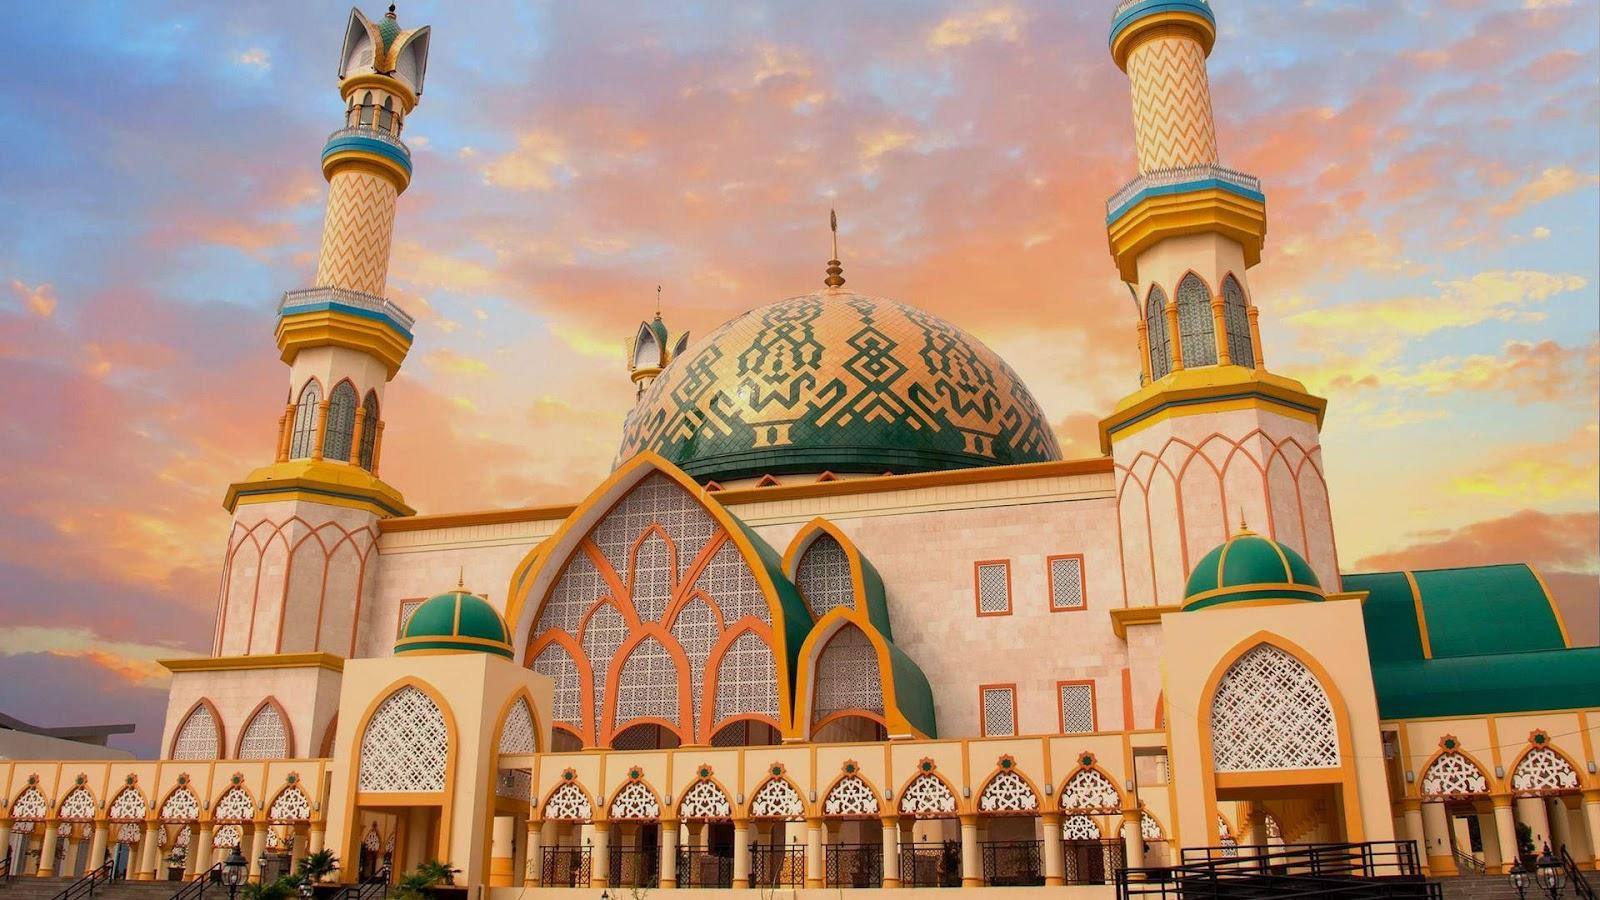 Masjid Hubbul Wathan Islamic Center Raih Penghargaan Masjid ...